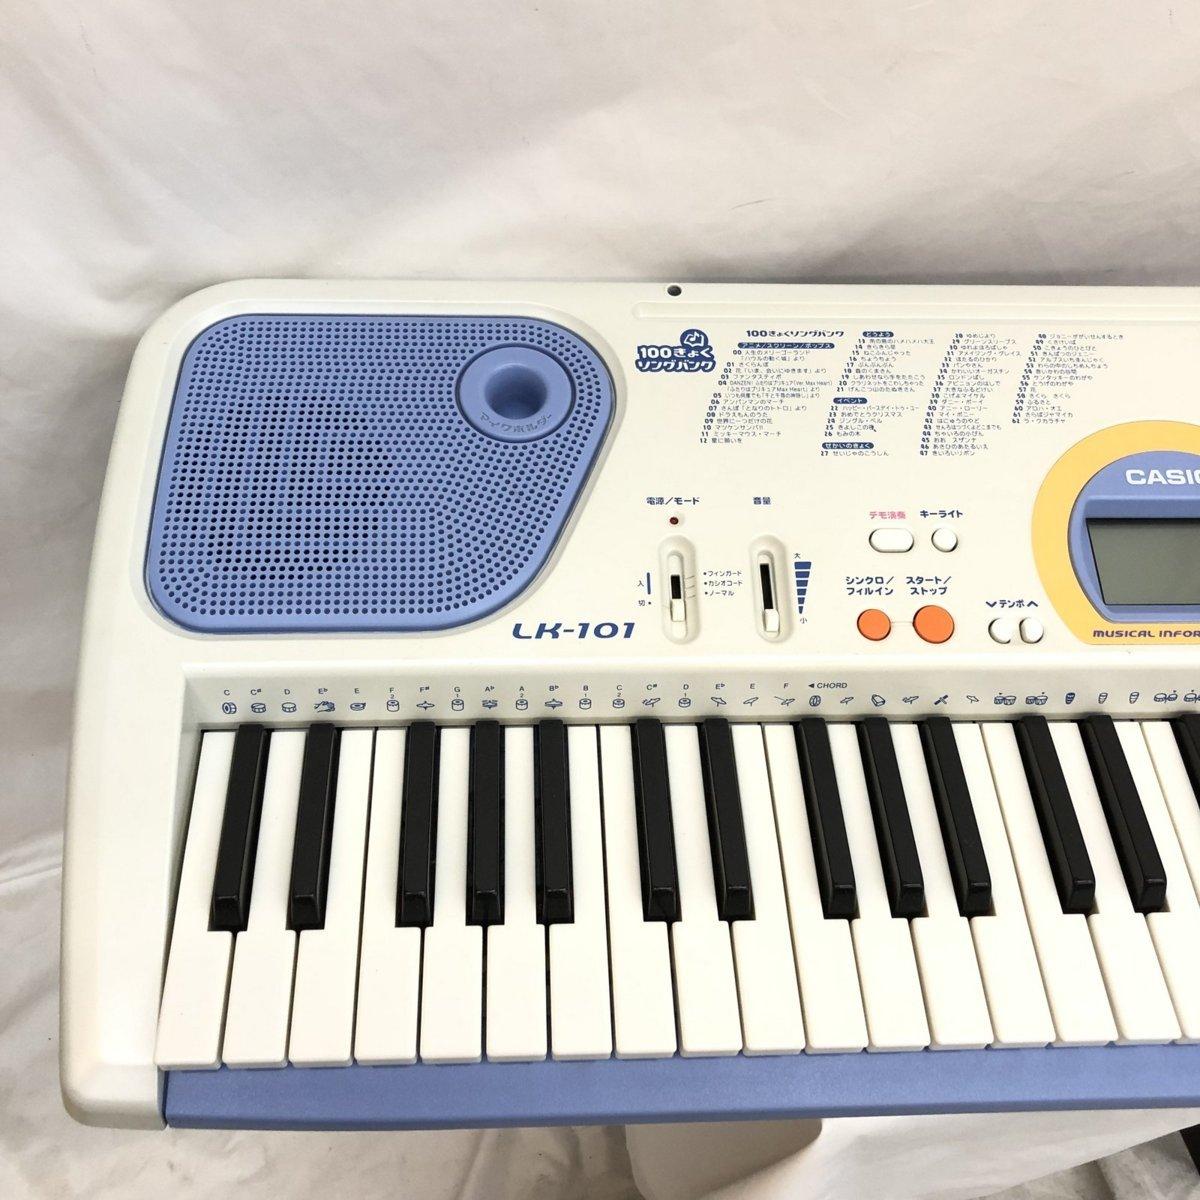 中古 CASIO カシオ 電子キーボード 光ナビゲーション LK-101 61鍵盤 グレー ブルー ポップカラー 電子ピアノ 鍵盤楽器 H15605_画像5